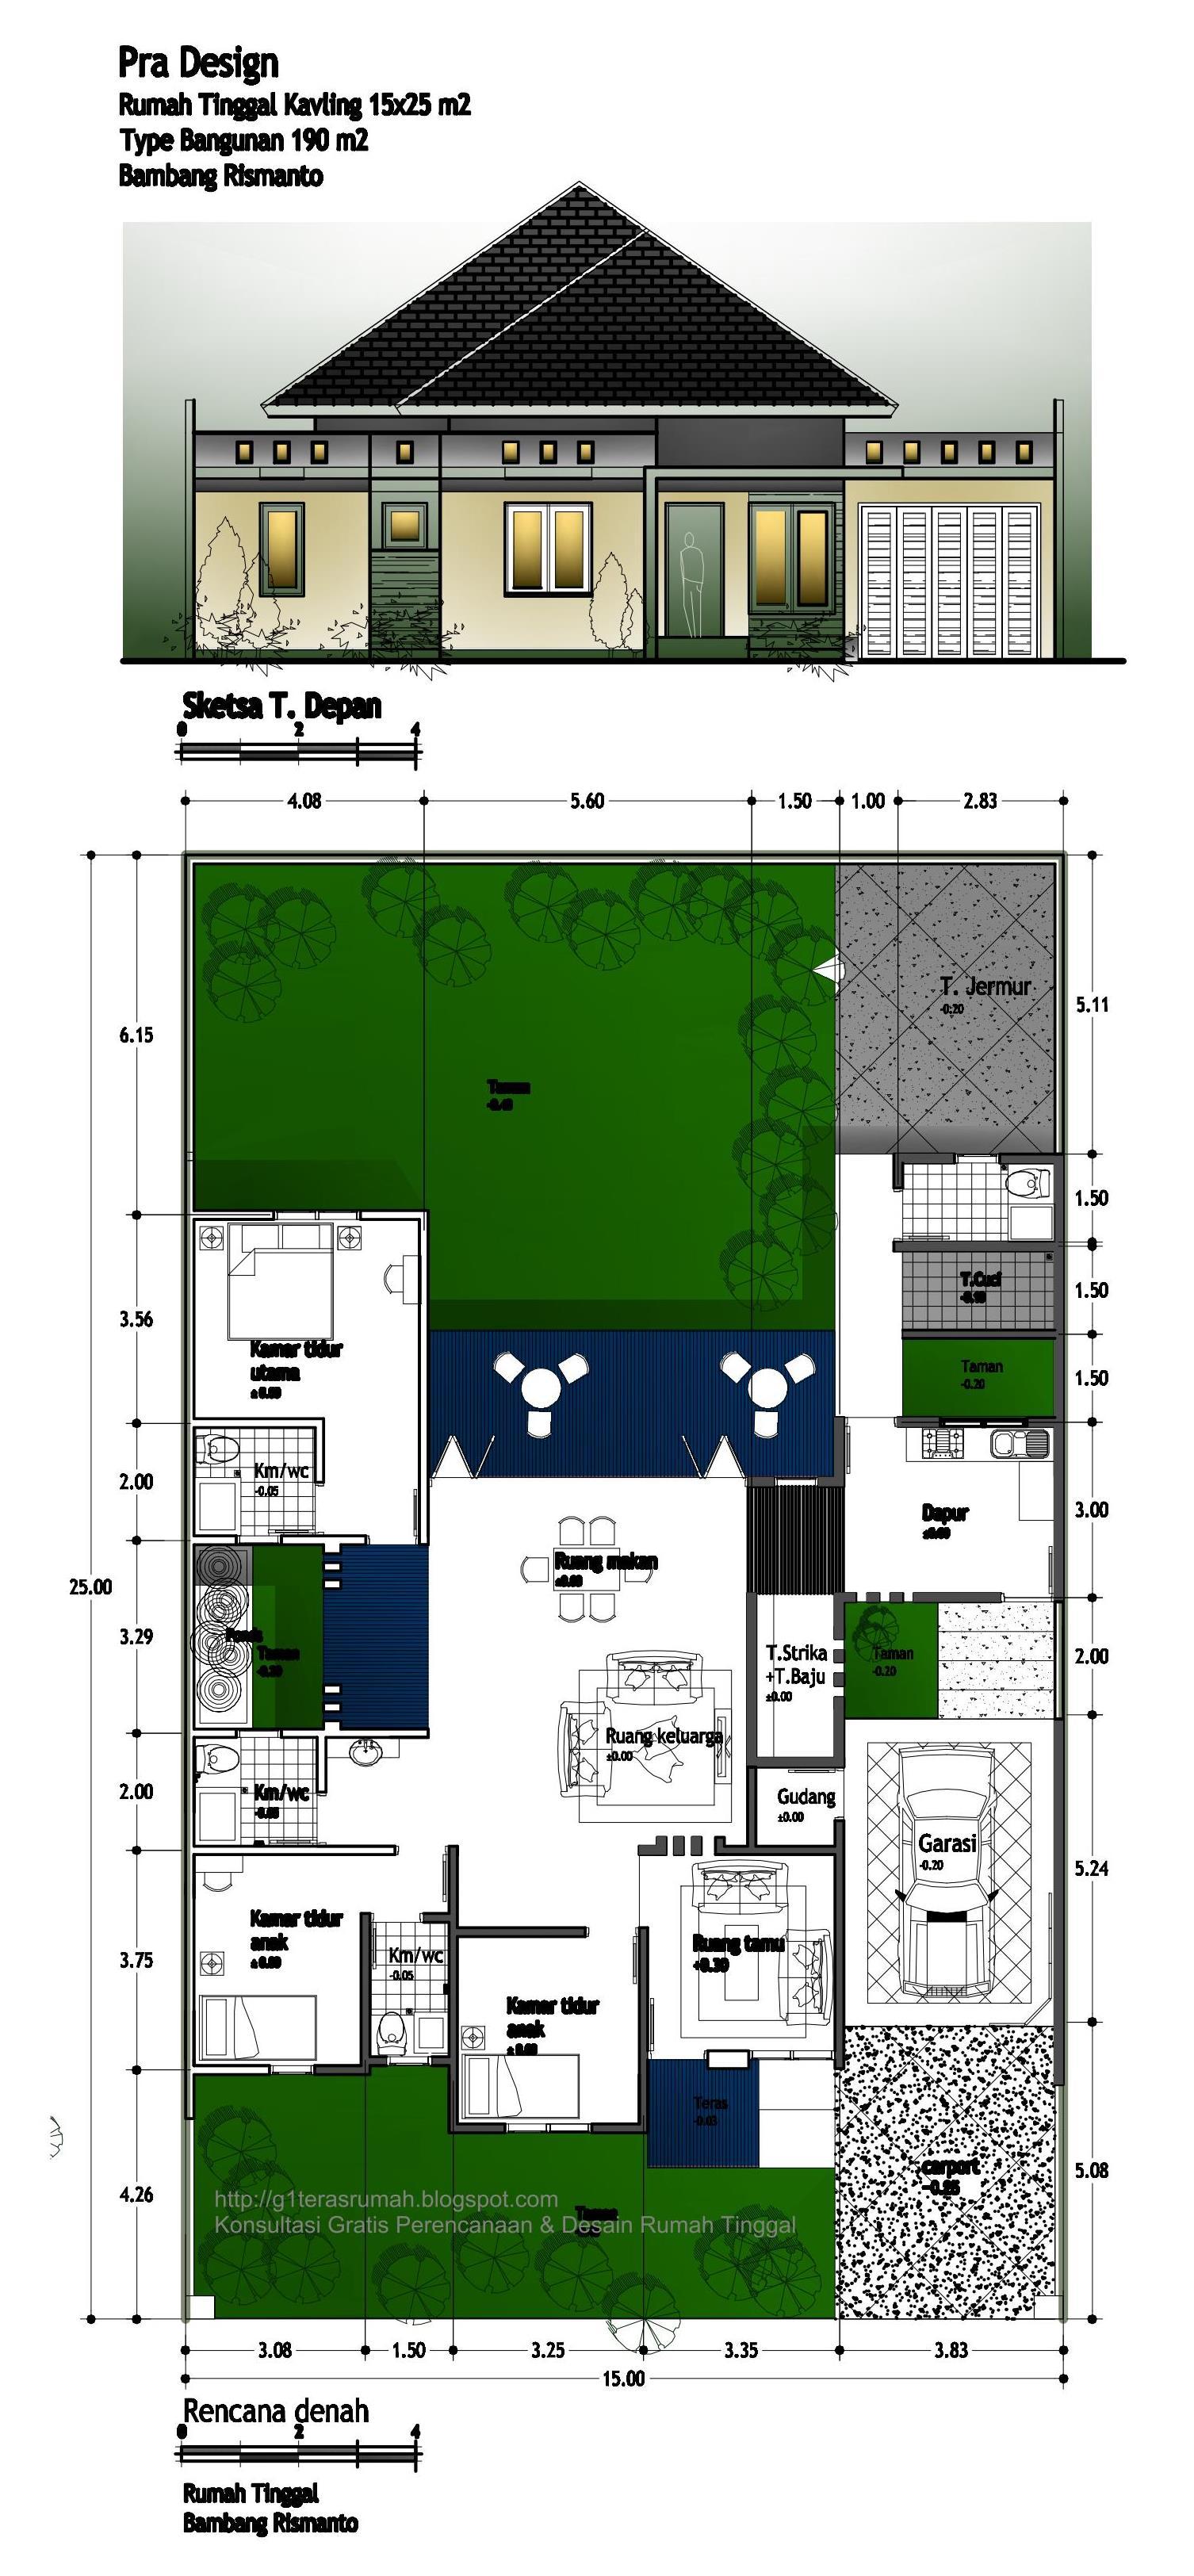 Rumah Tinggal Luas 190 M2 Di Lahan 1525 M2 Order Bambang Rismanto